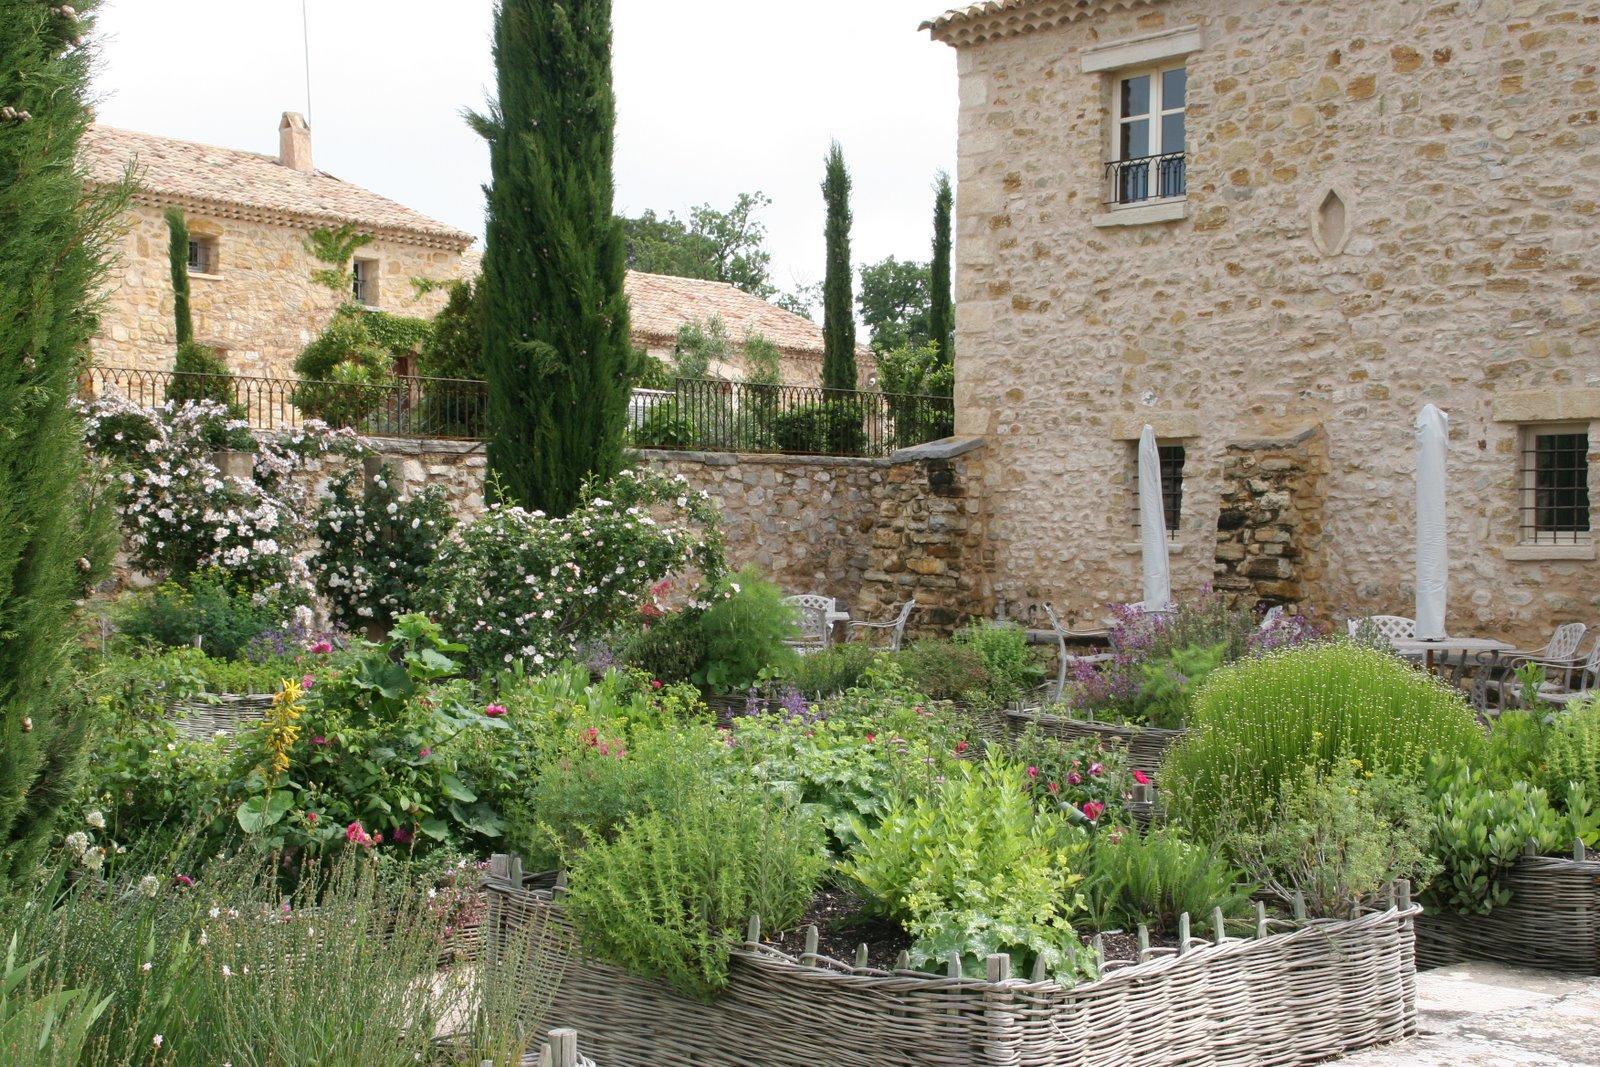 La Verriere herb garden